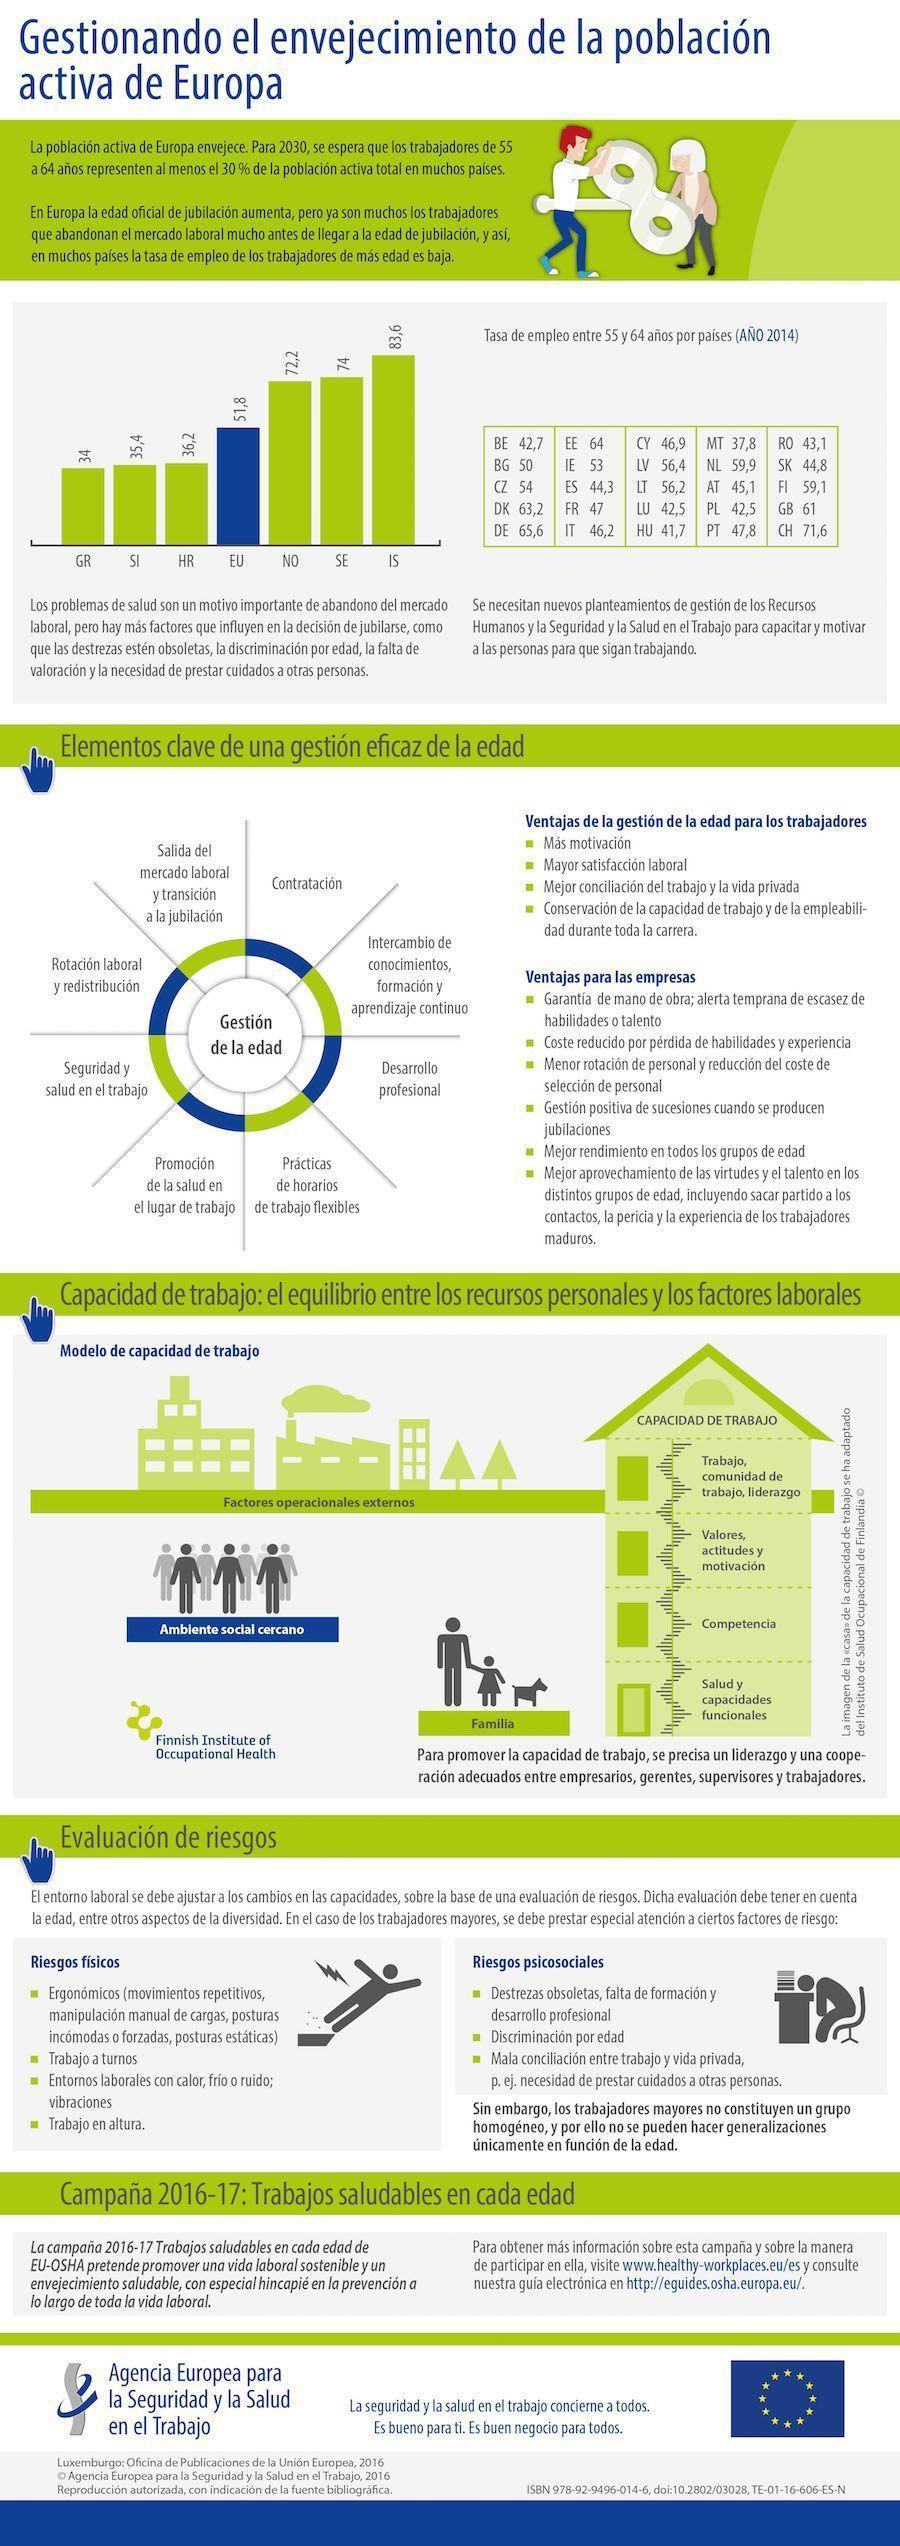 Infografía: Gestionando el envejecimiento de la población activa enEuropa